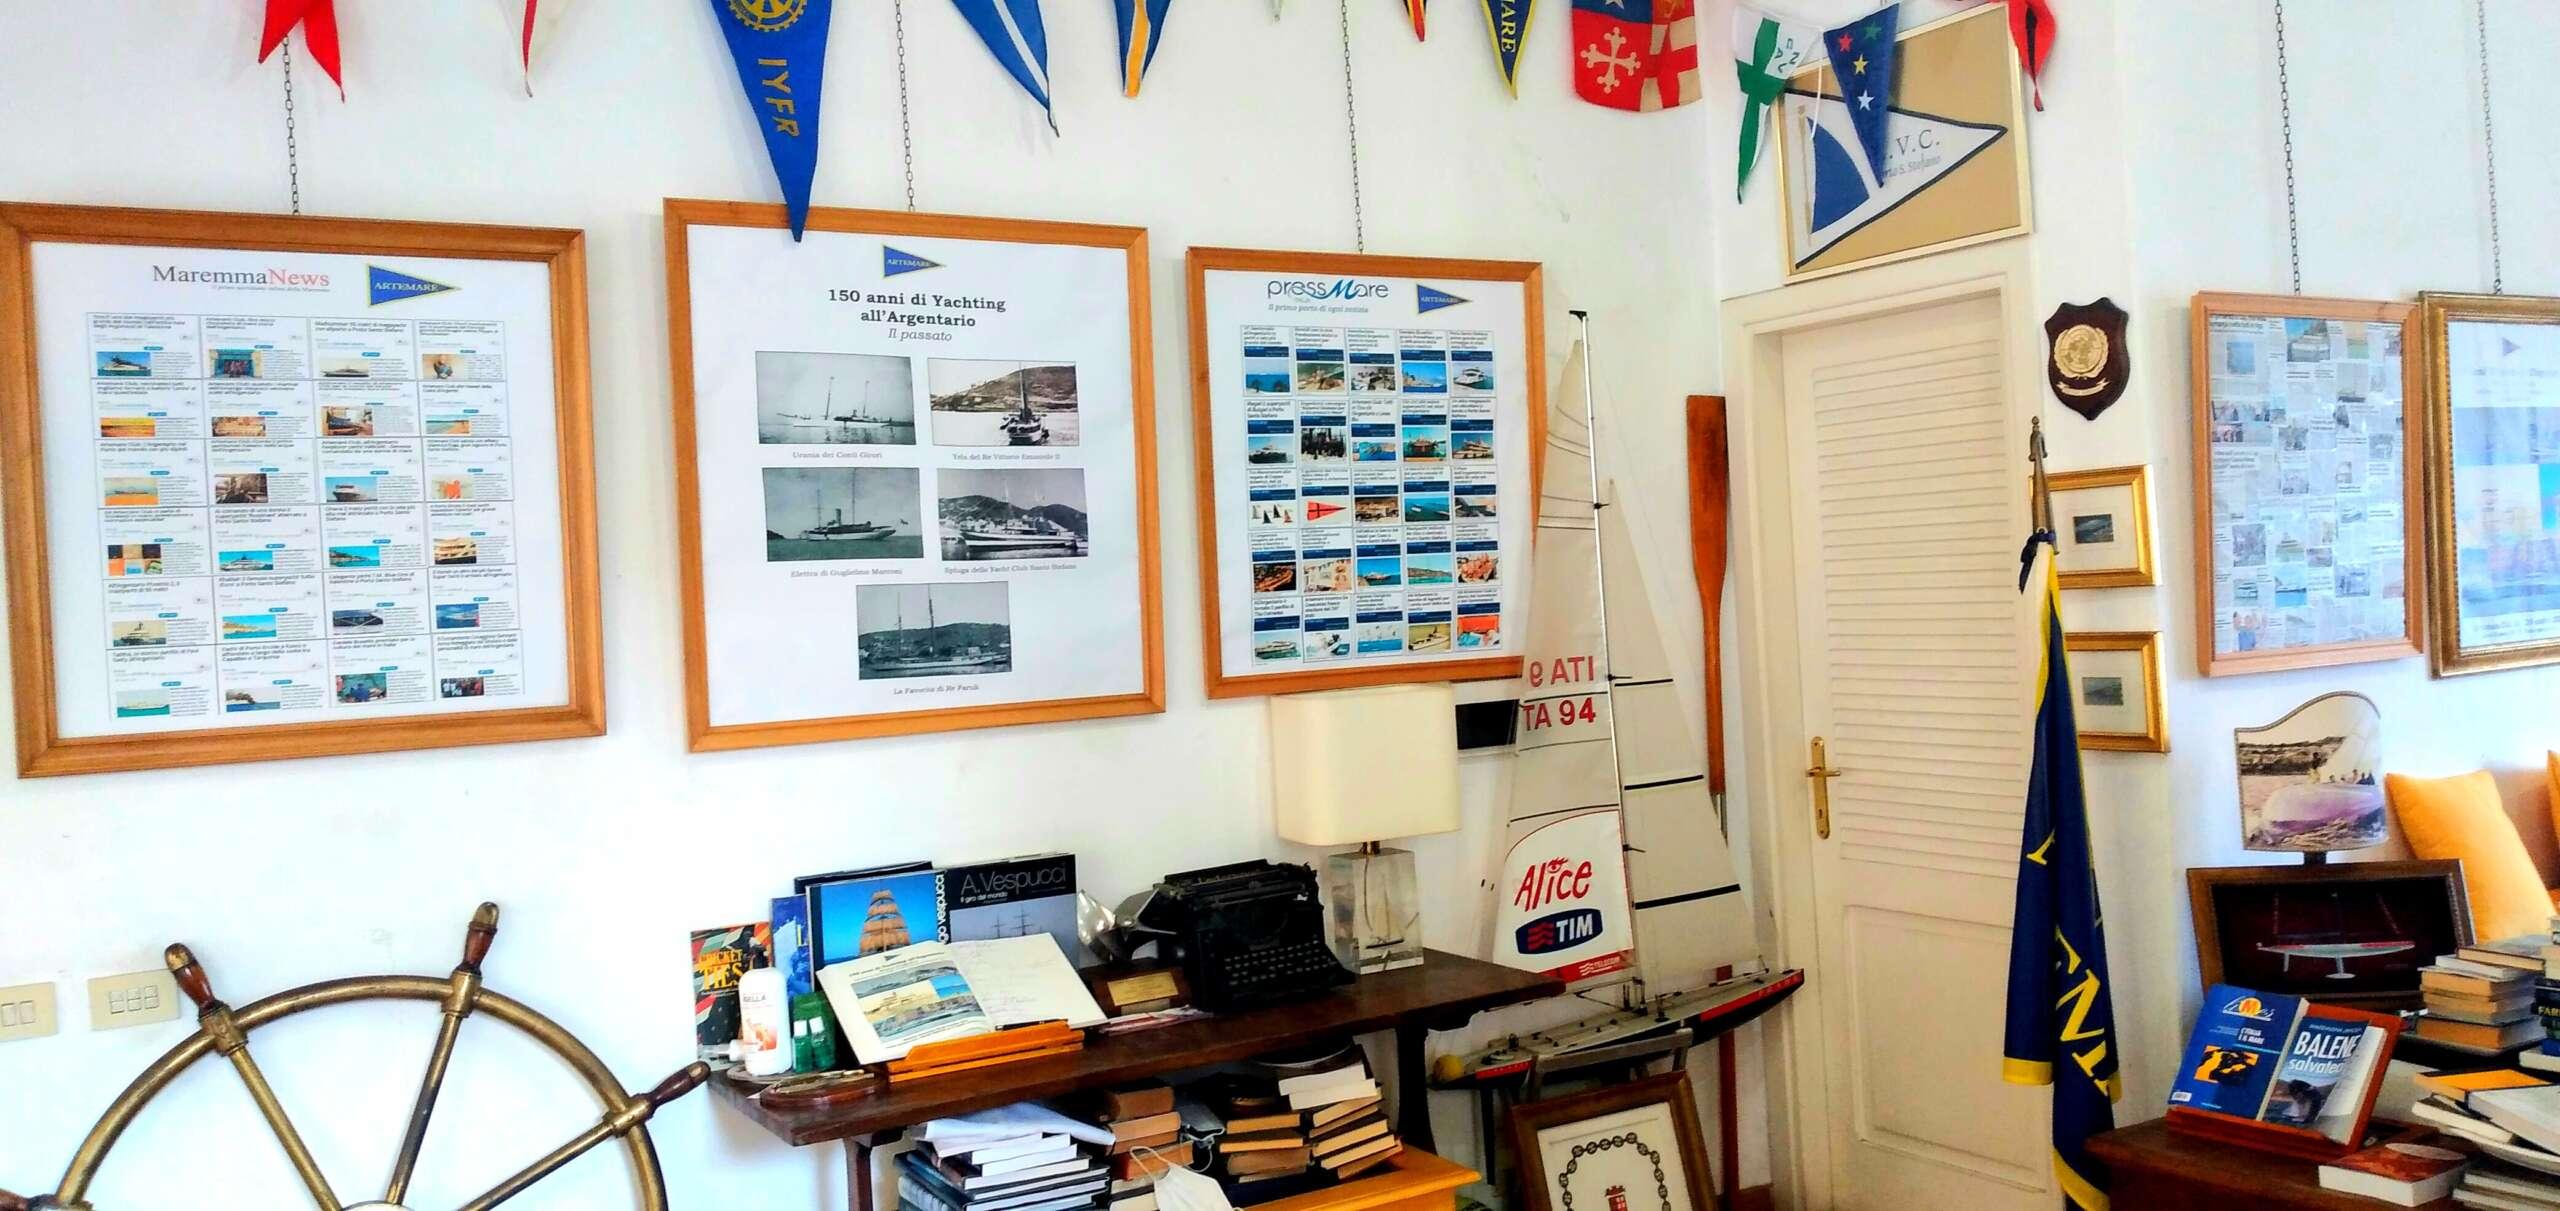 Ultimi giorni all'Argentario per la mostra 150 anni di Yachting ad Artemare Club